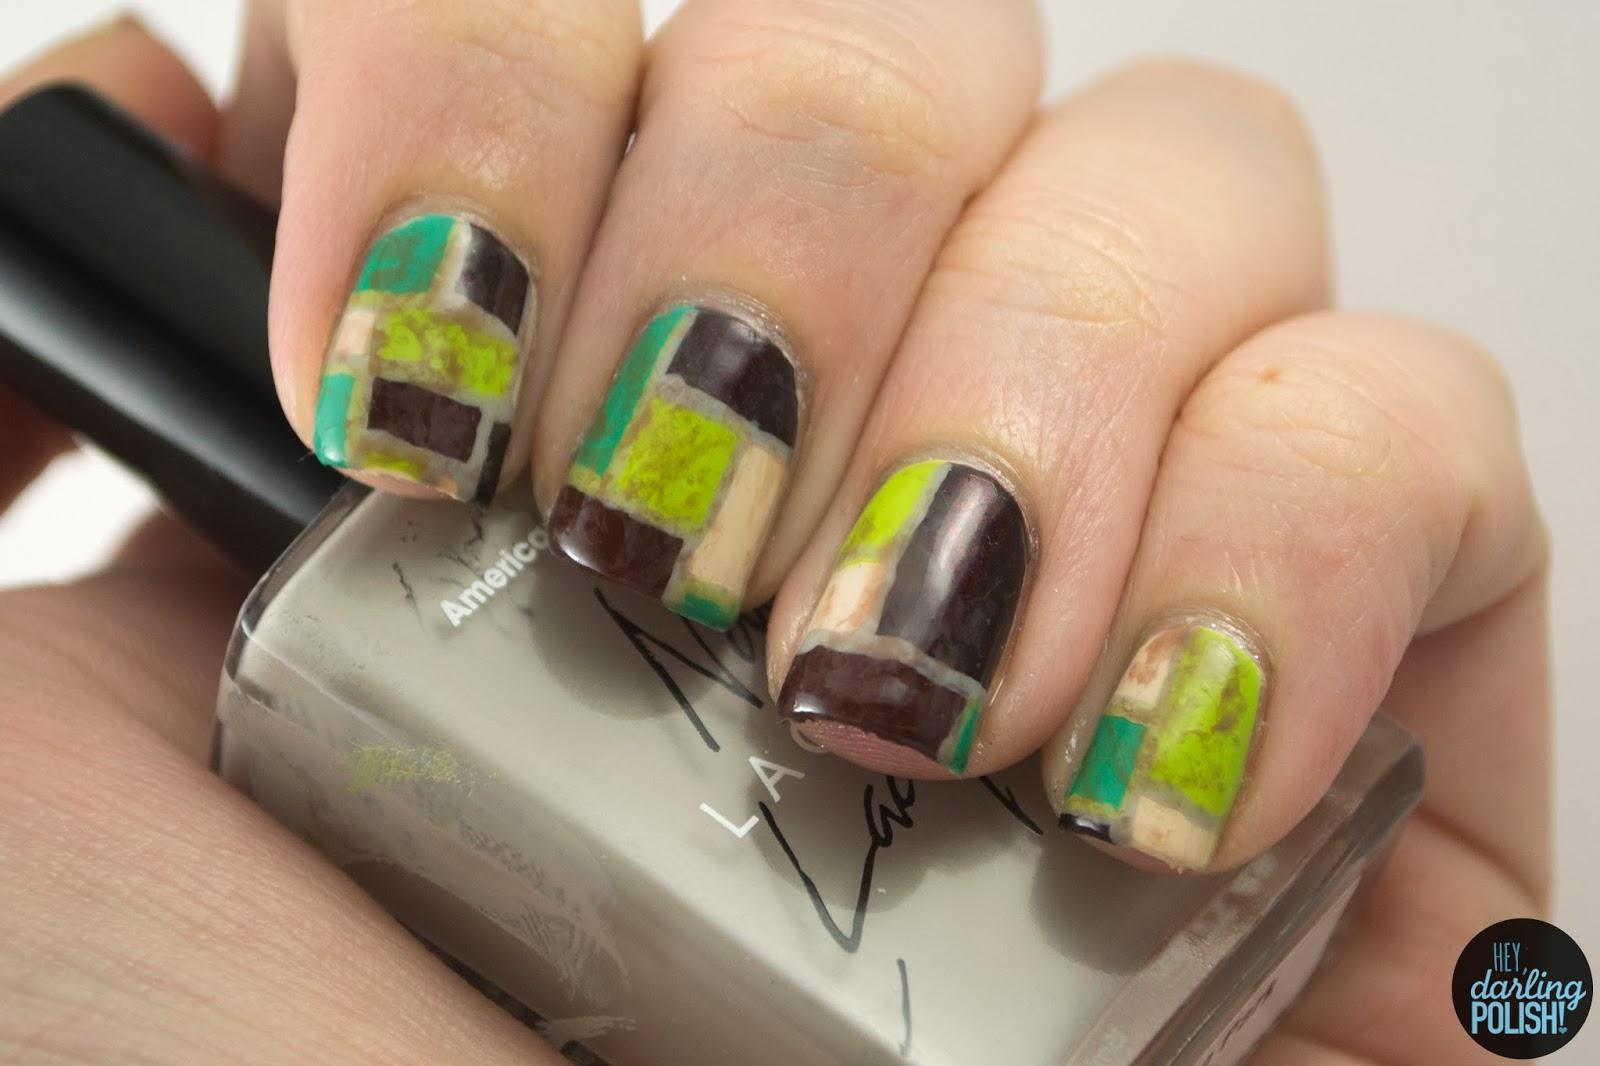 nails, nail polish, nail art, polish, color block, green, brown, white picket fence, you get me high, hey darling polish